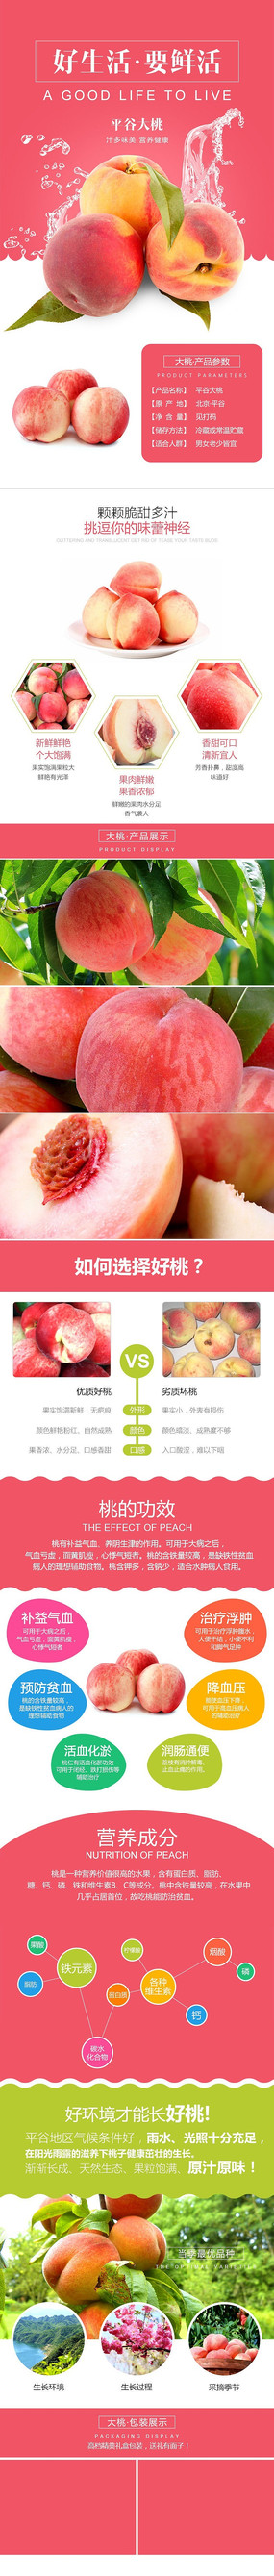 水果详情页模板 PSD